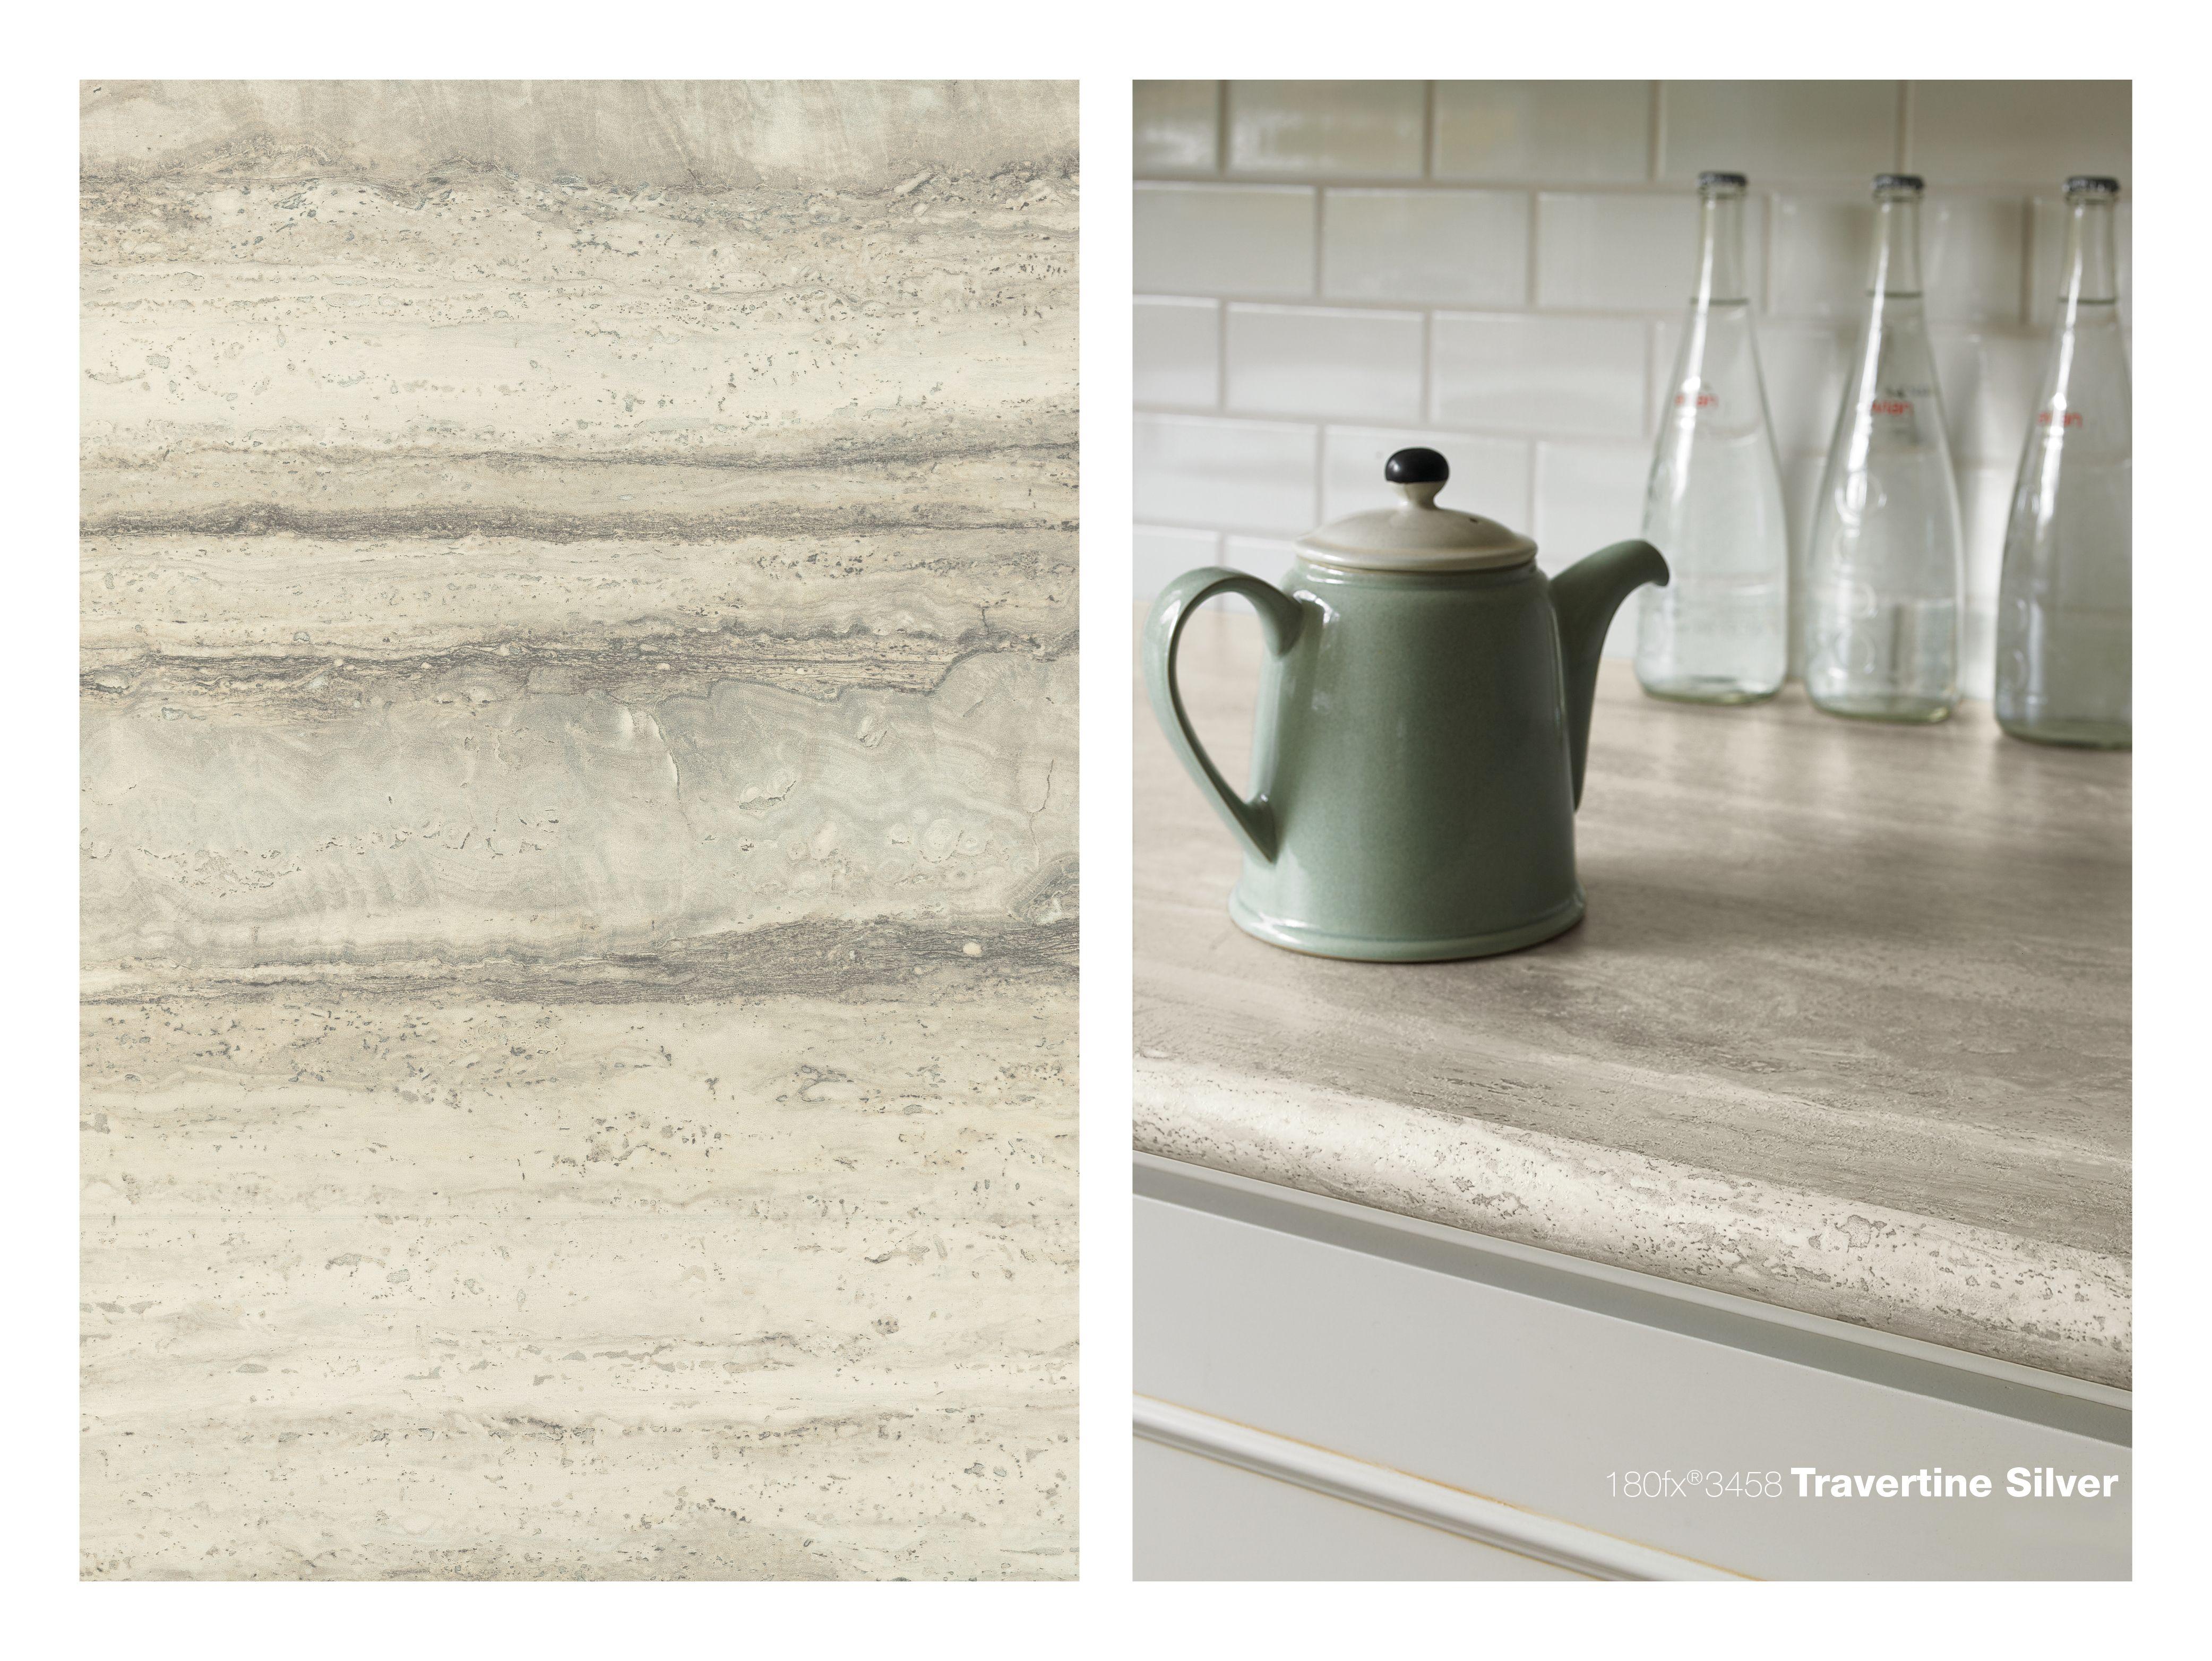 Formica bathroom countertops - Formica Bathroom Countertops 50